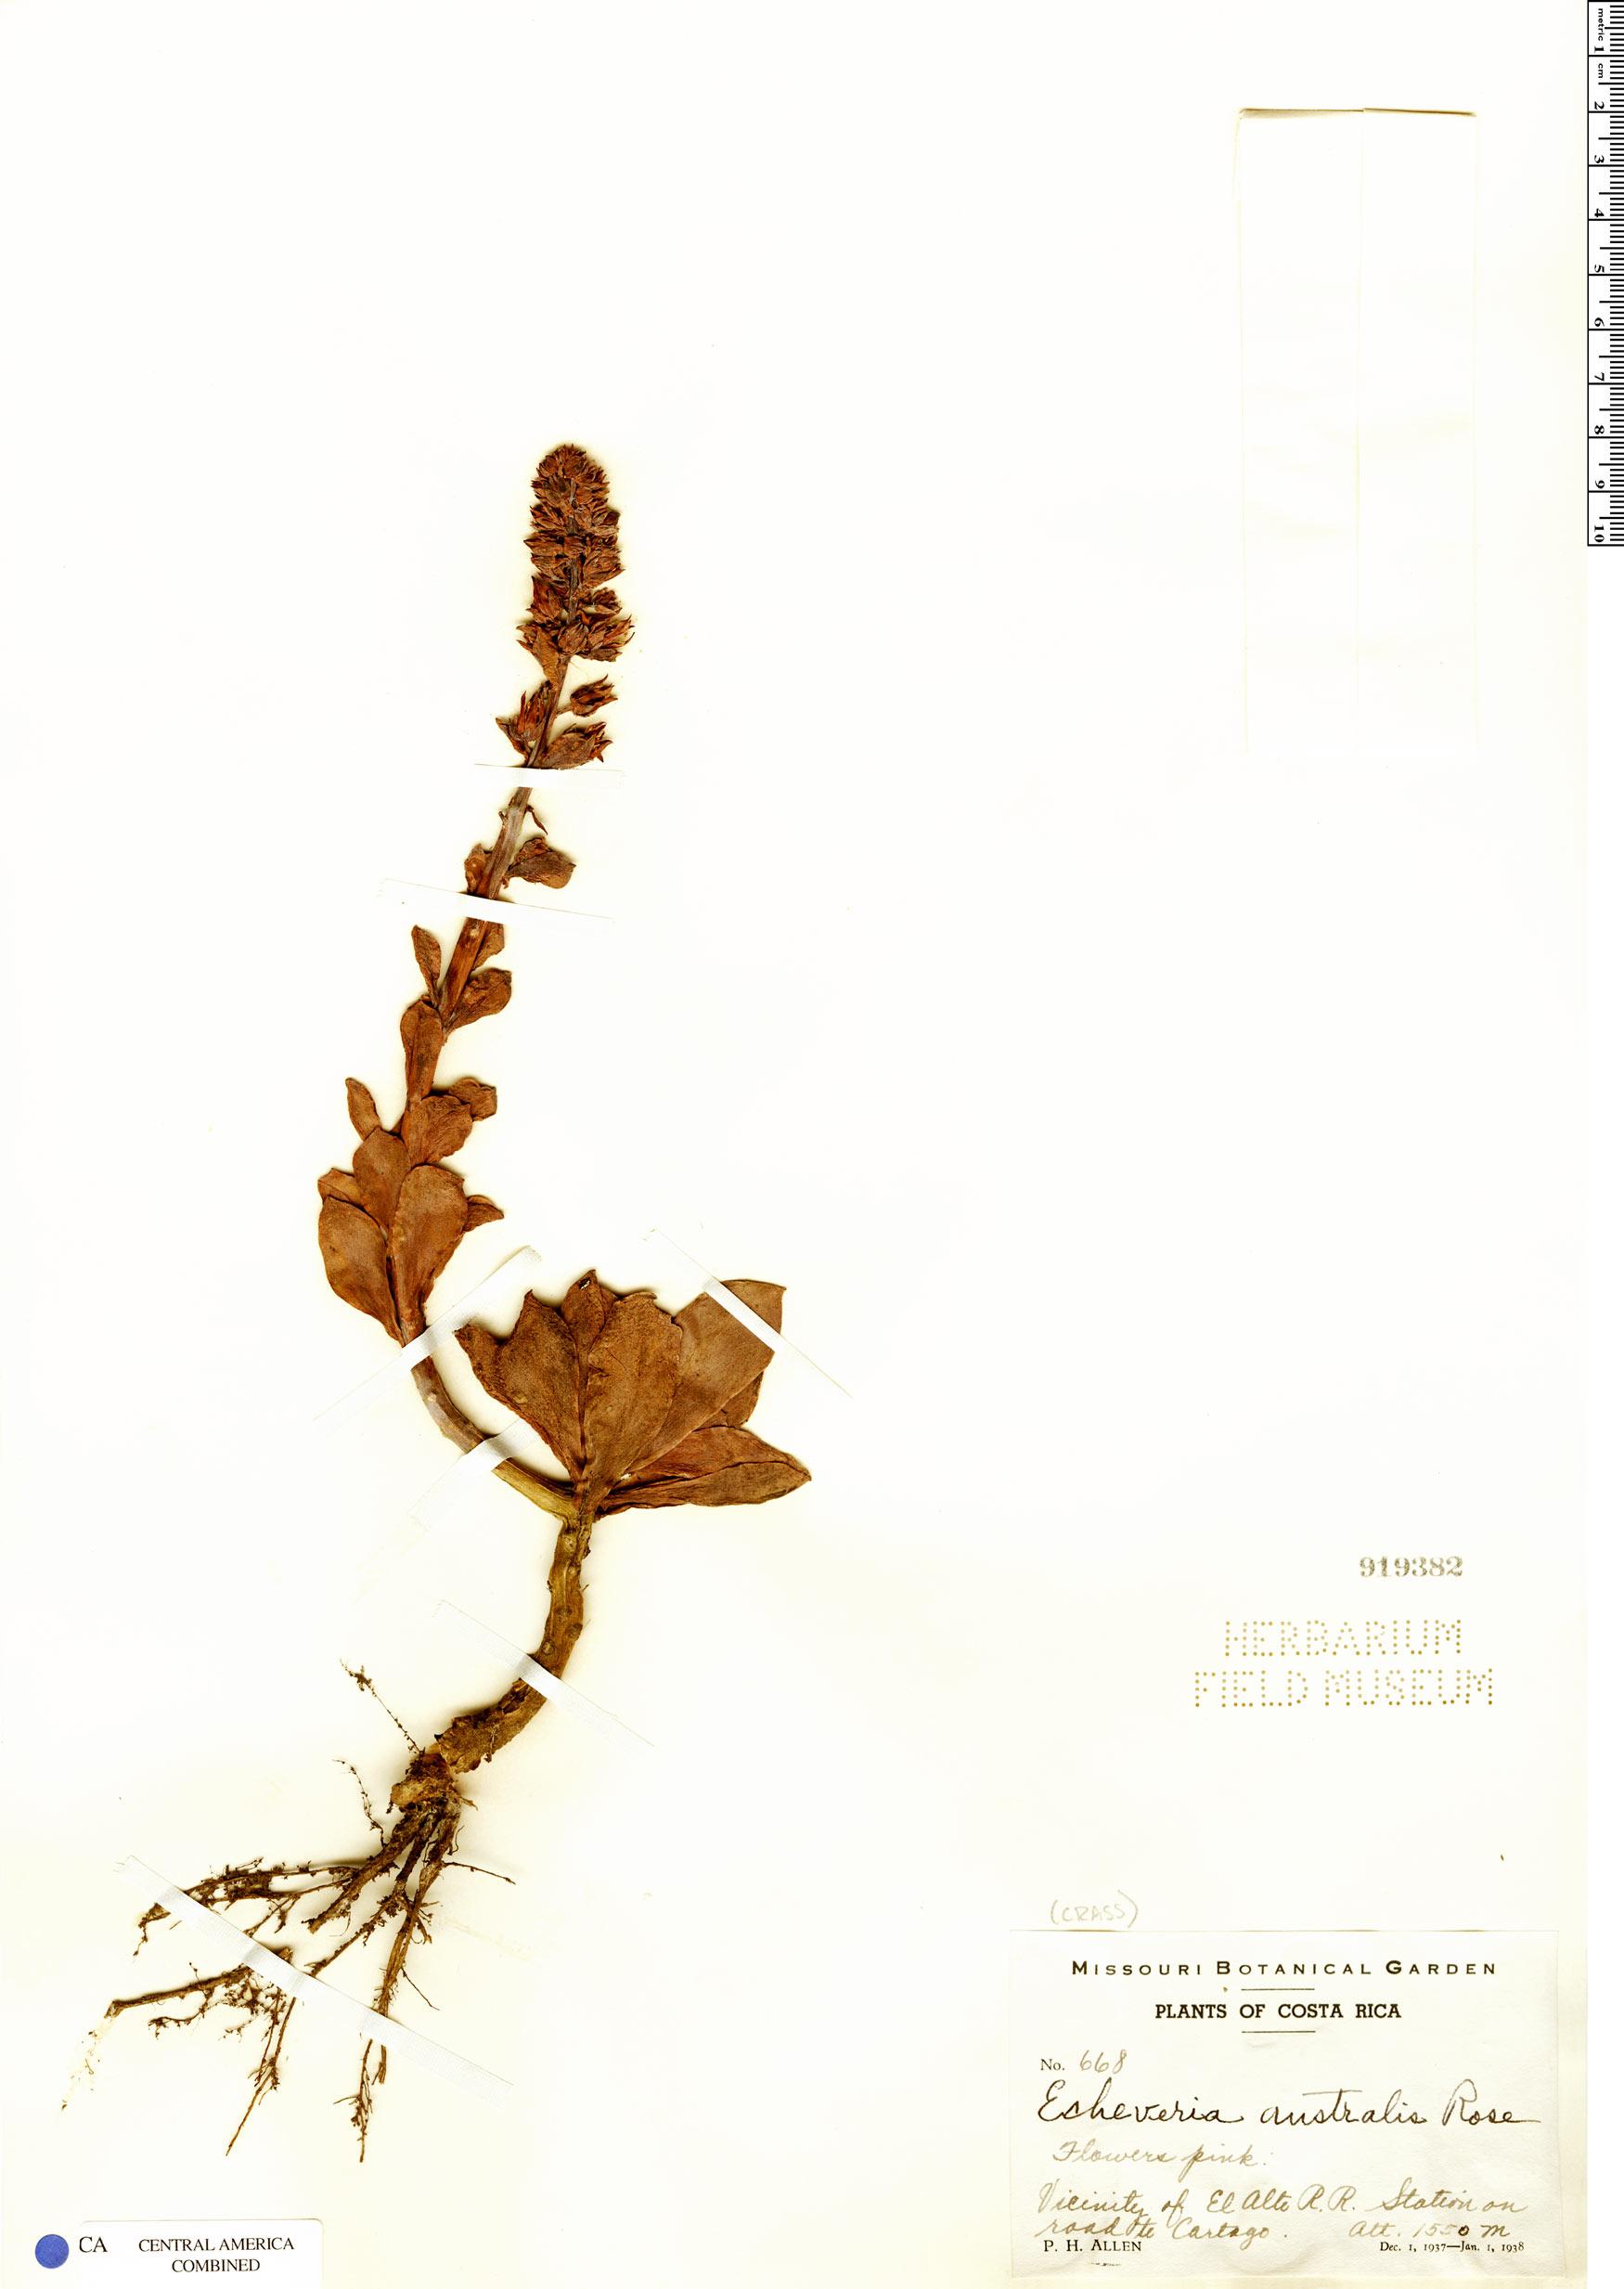 Specimen: Echeveria australis